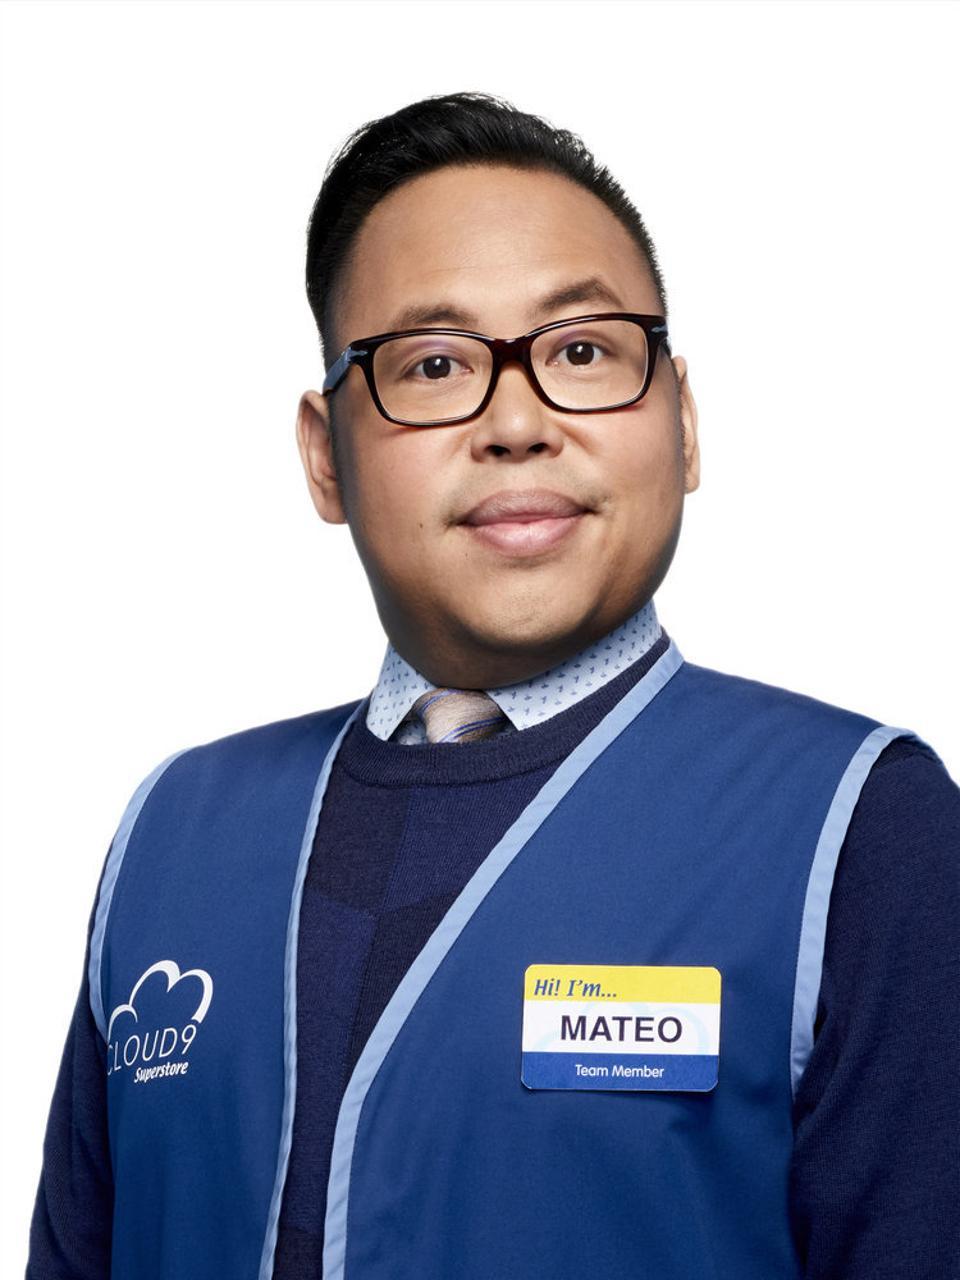 Nico Santos stars as Mateo on ″Superstore.″